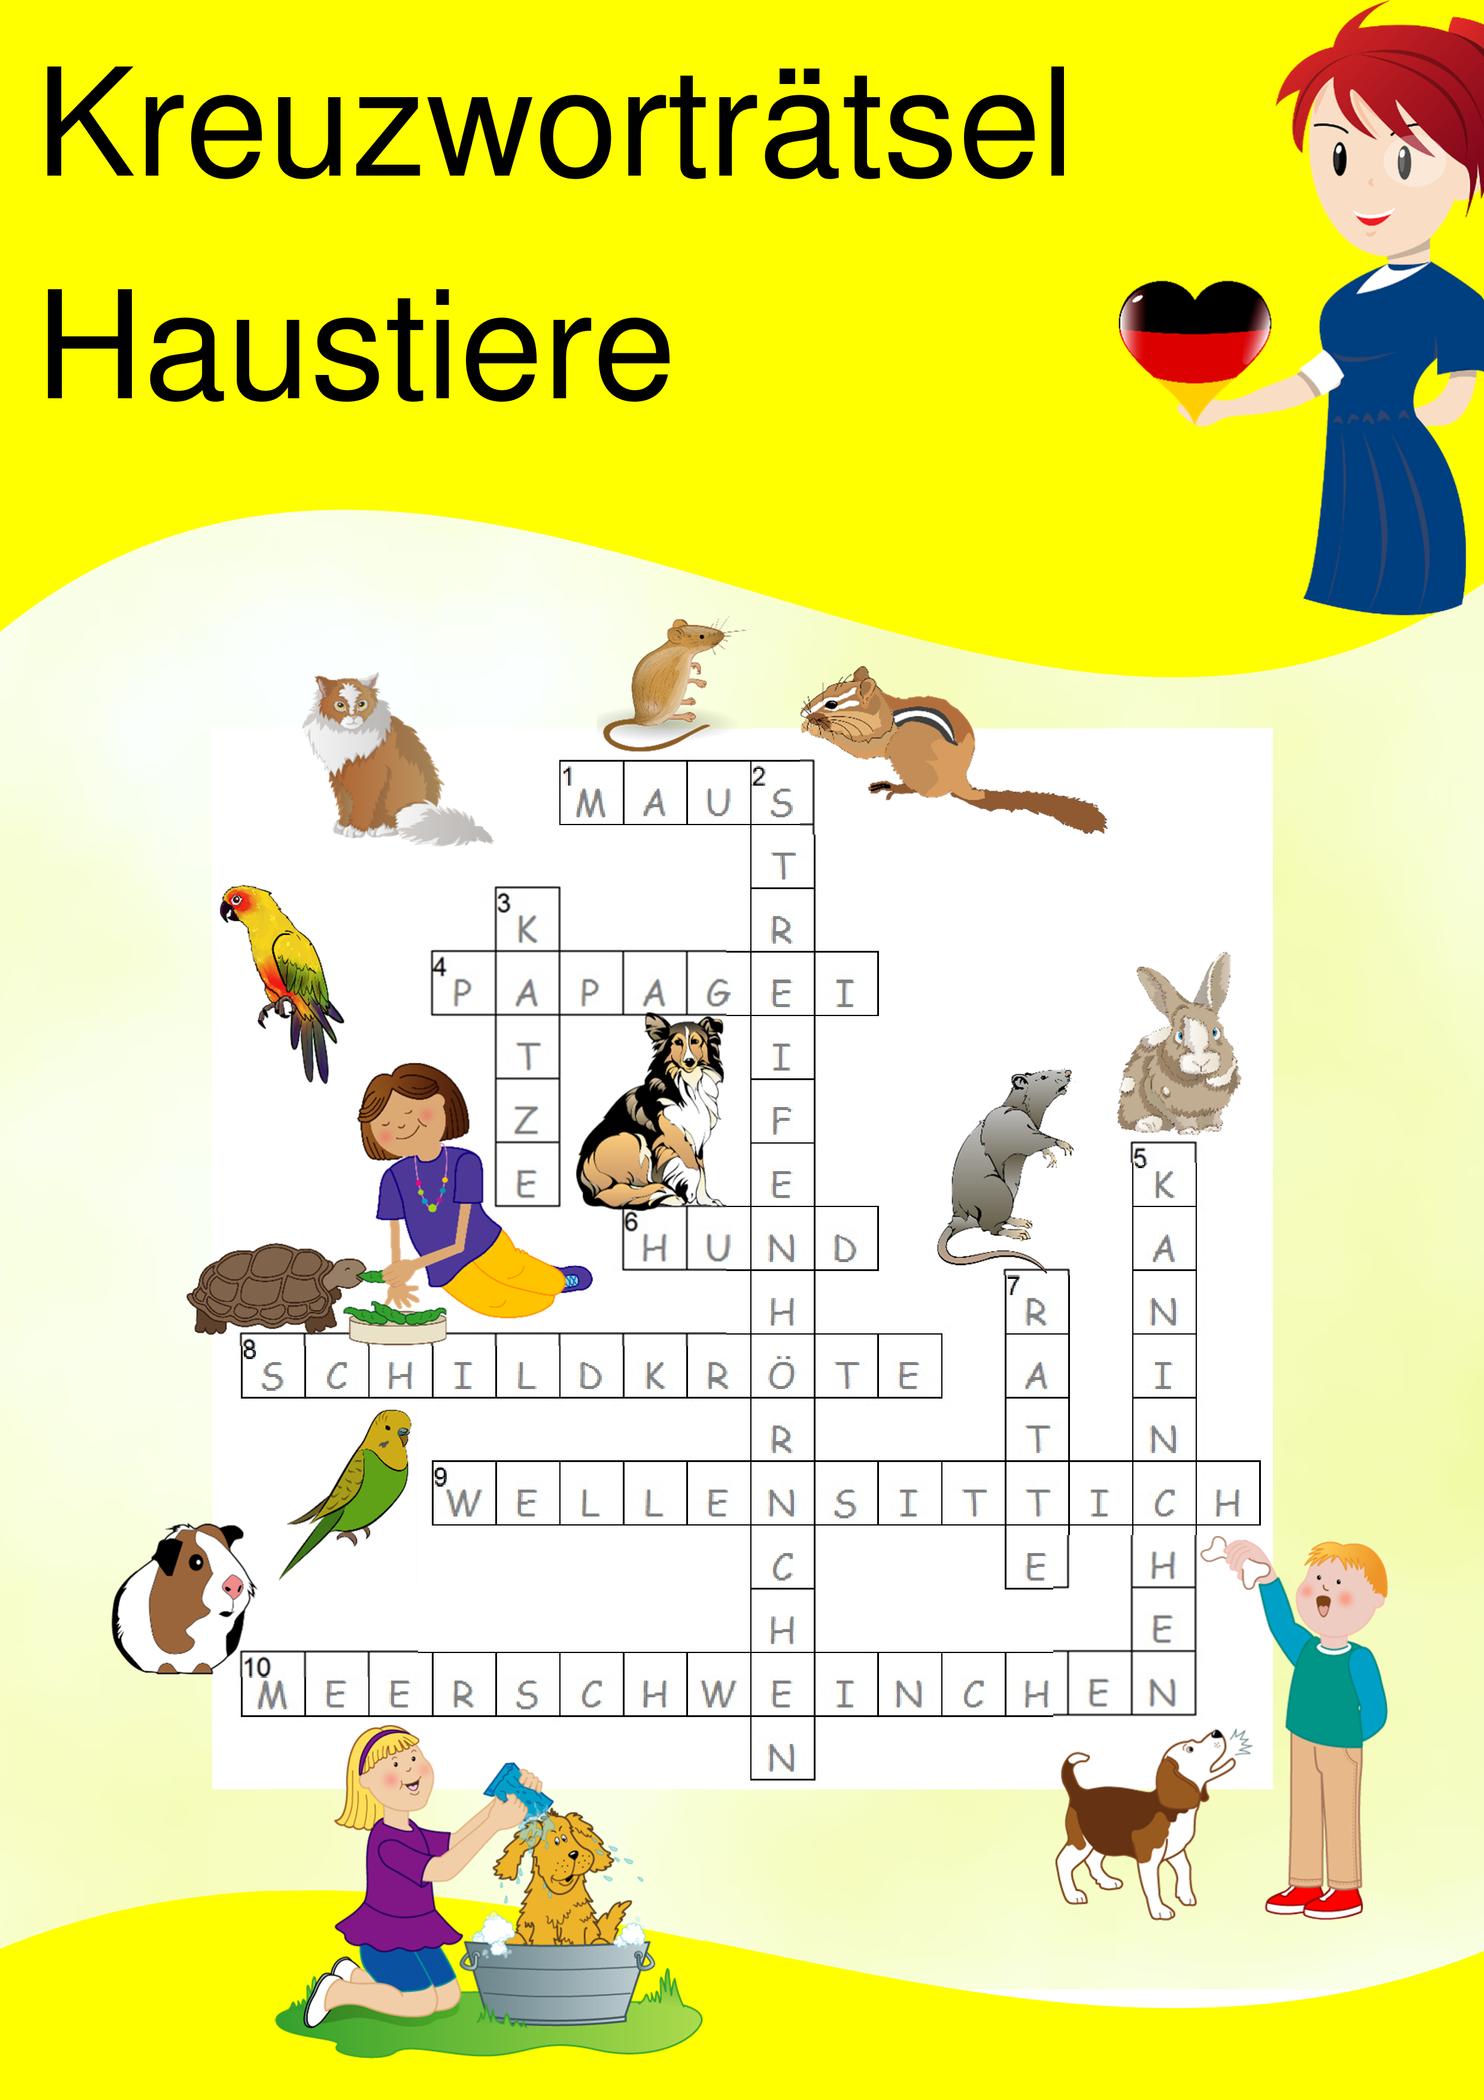 Kreuzworträtsel - Haustiere - Deutsch, Daf, Daz | Download in Haustier Kreuzworträtsel